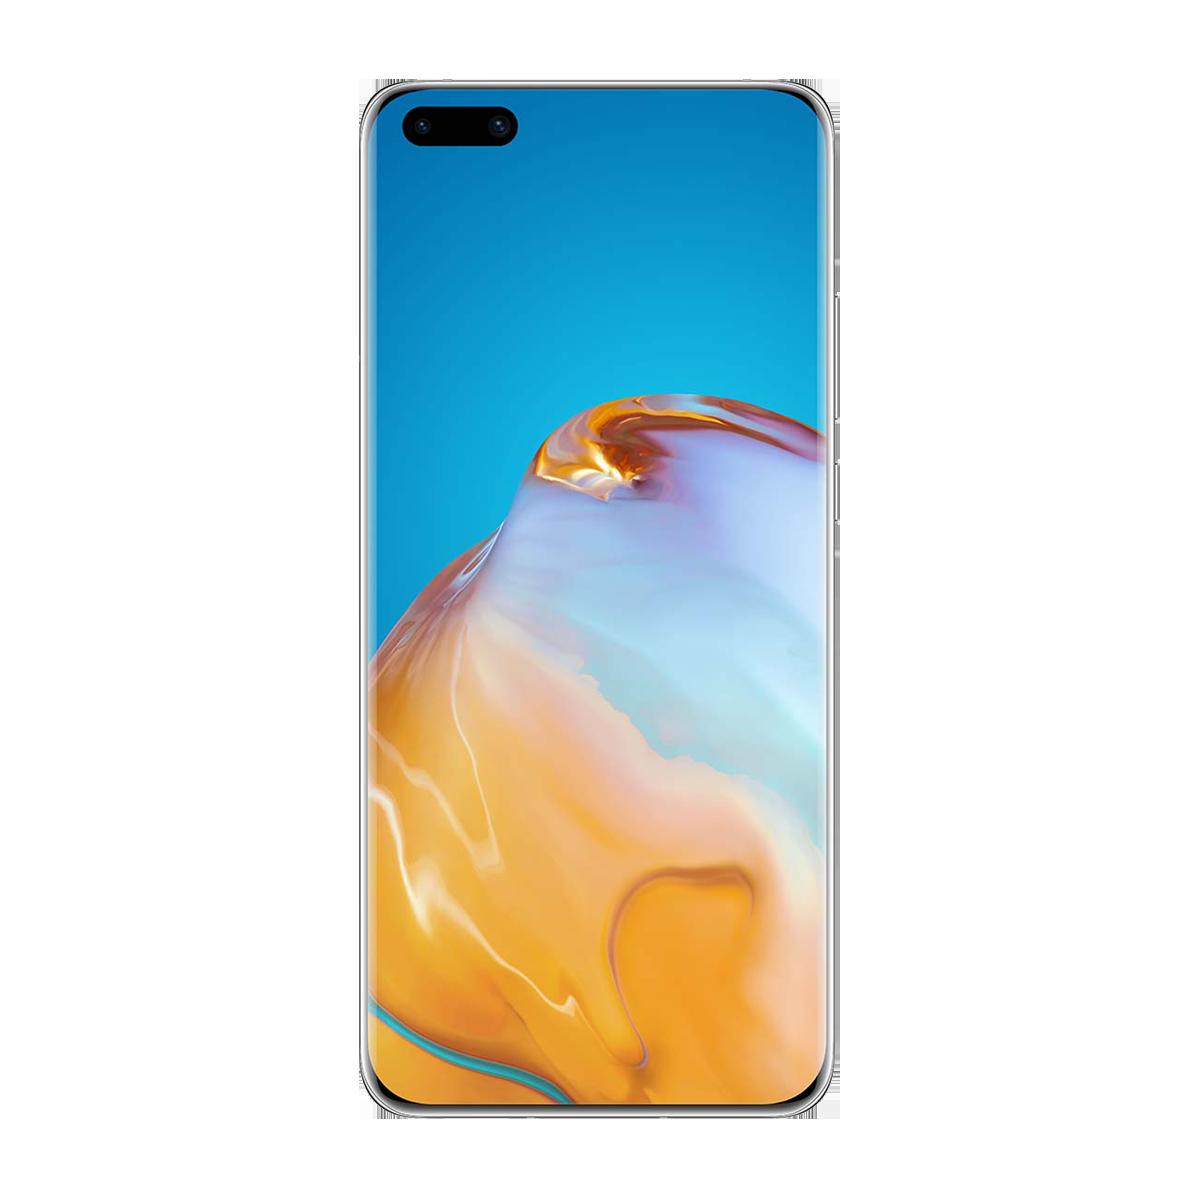 Huawei P40 Pro 256 GB Siyah